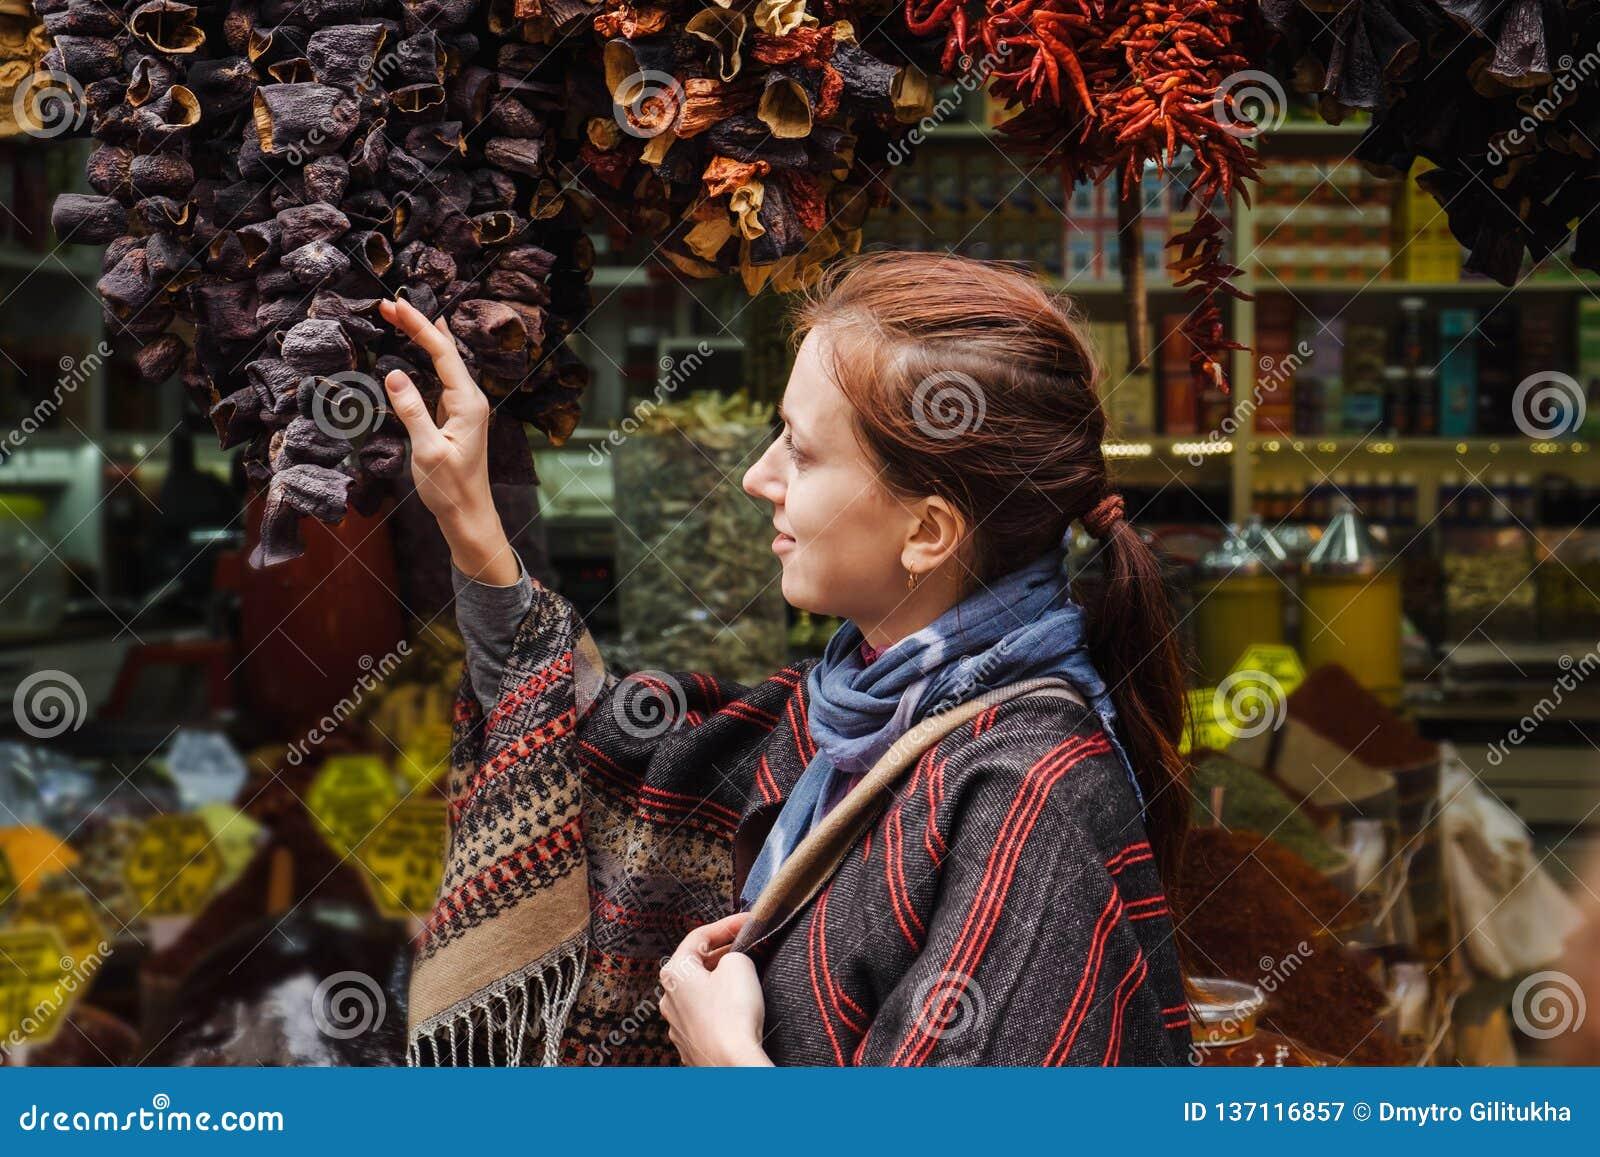 Γυναίκα που περπατά στην αιγυπτιακή αγορά καρυκευμάτων στη Ιστανμπούλ, Τουρκία